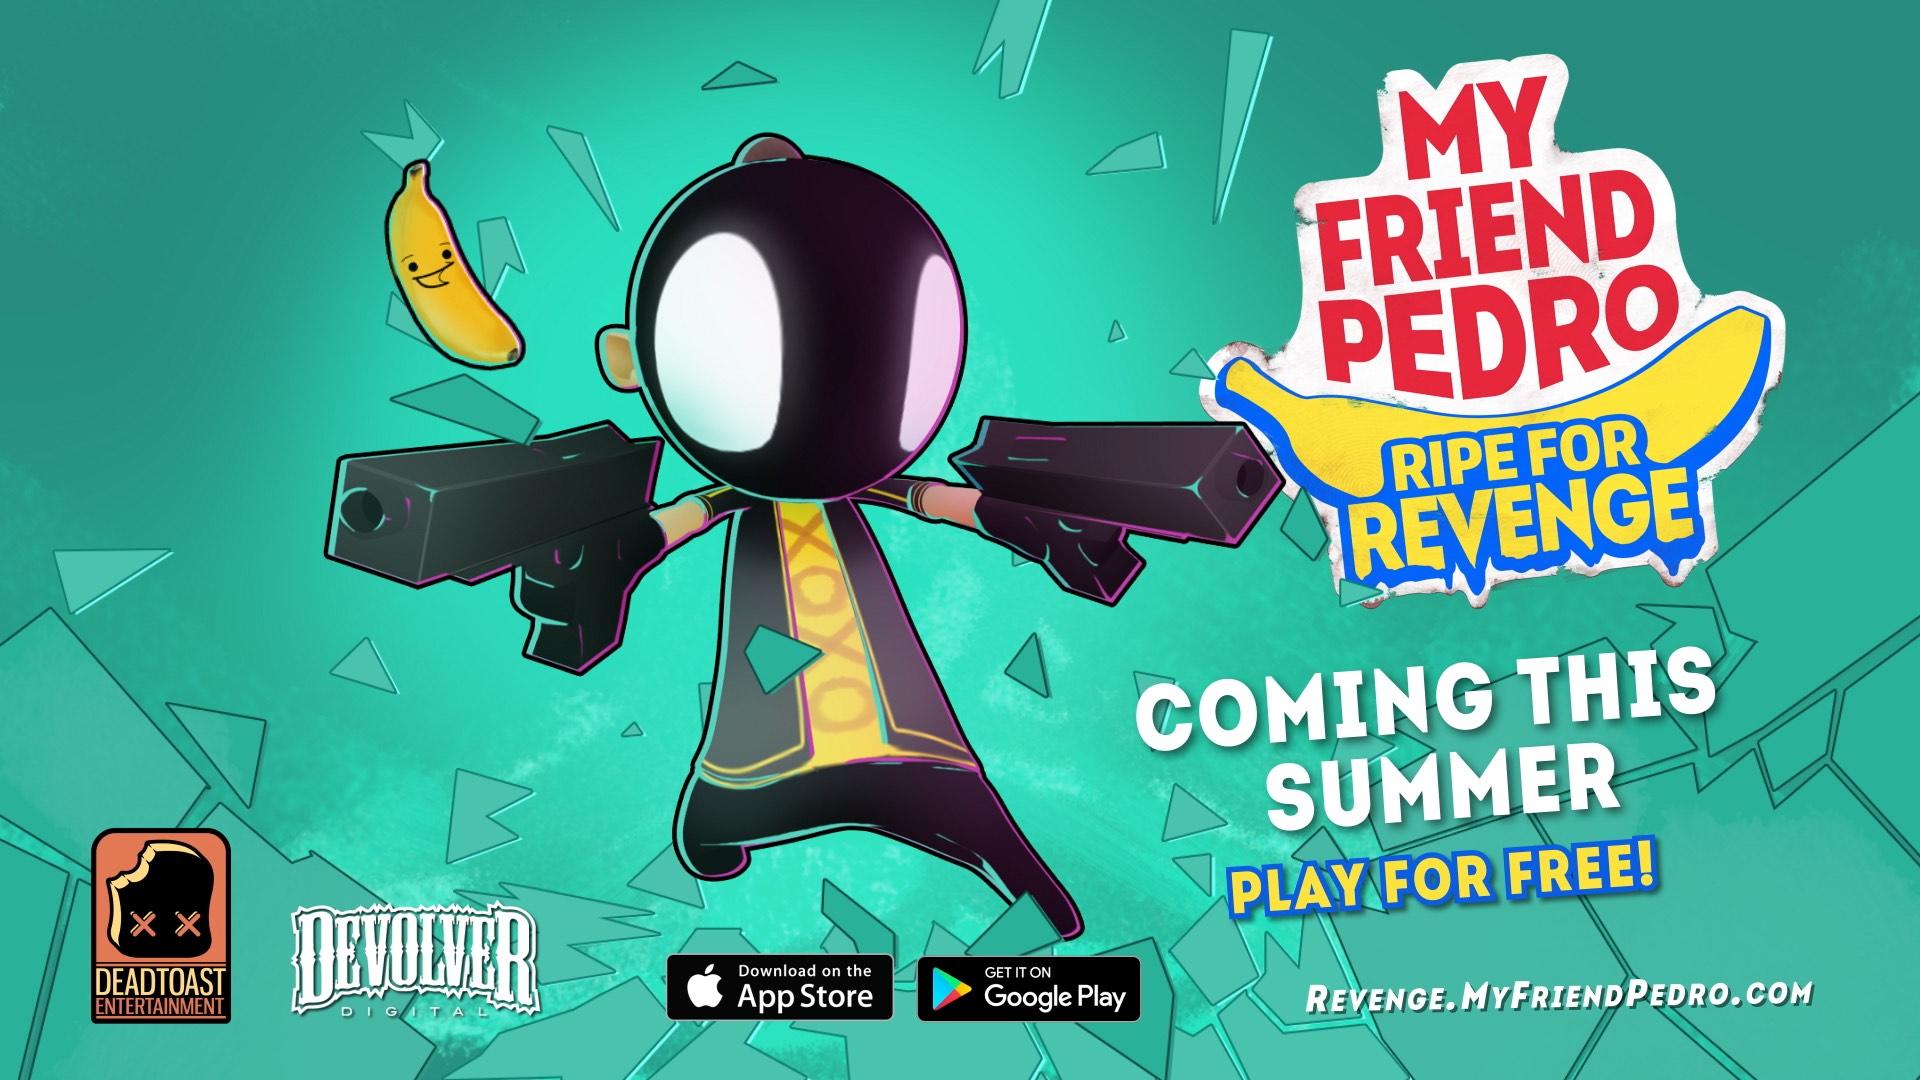 my-friend-pedro-ripe-for-revenge-07-05-21-1